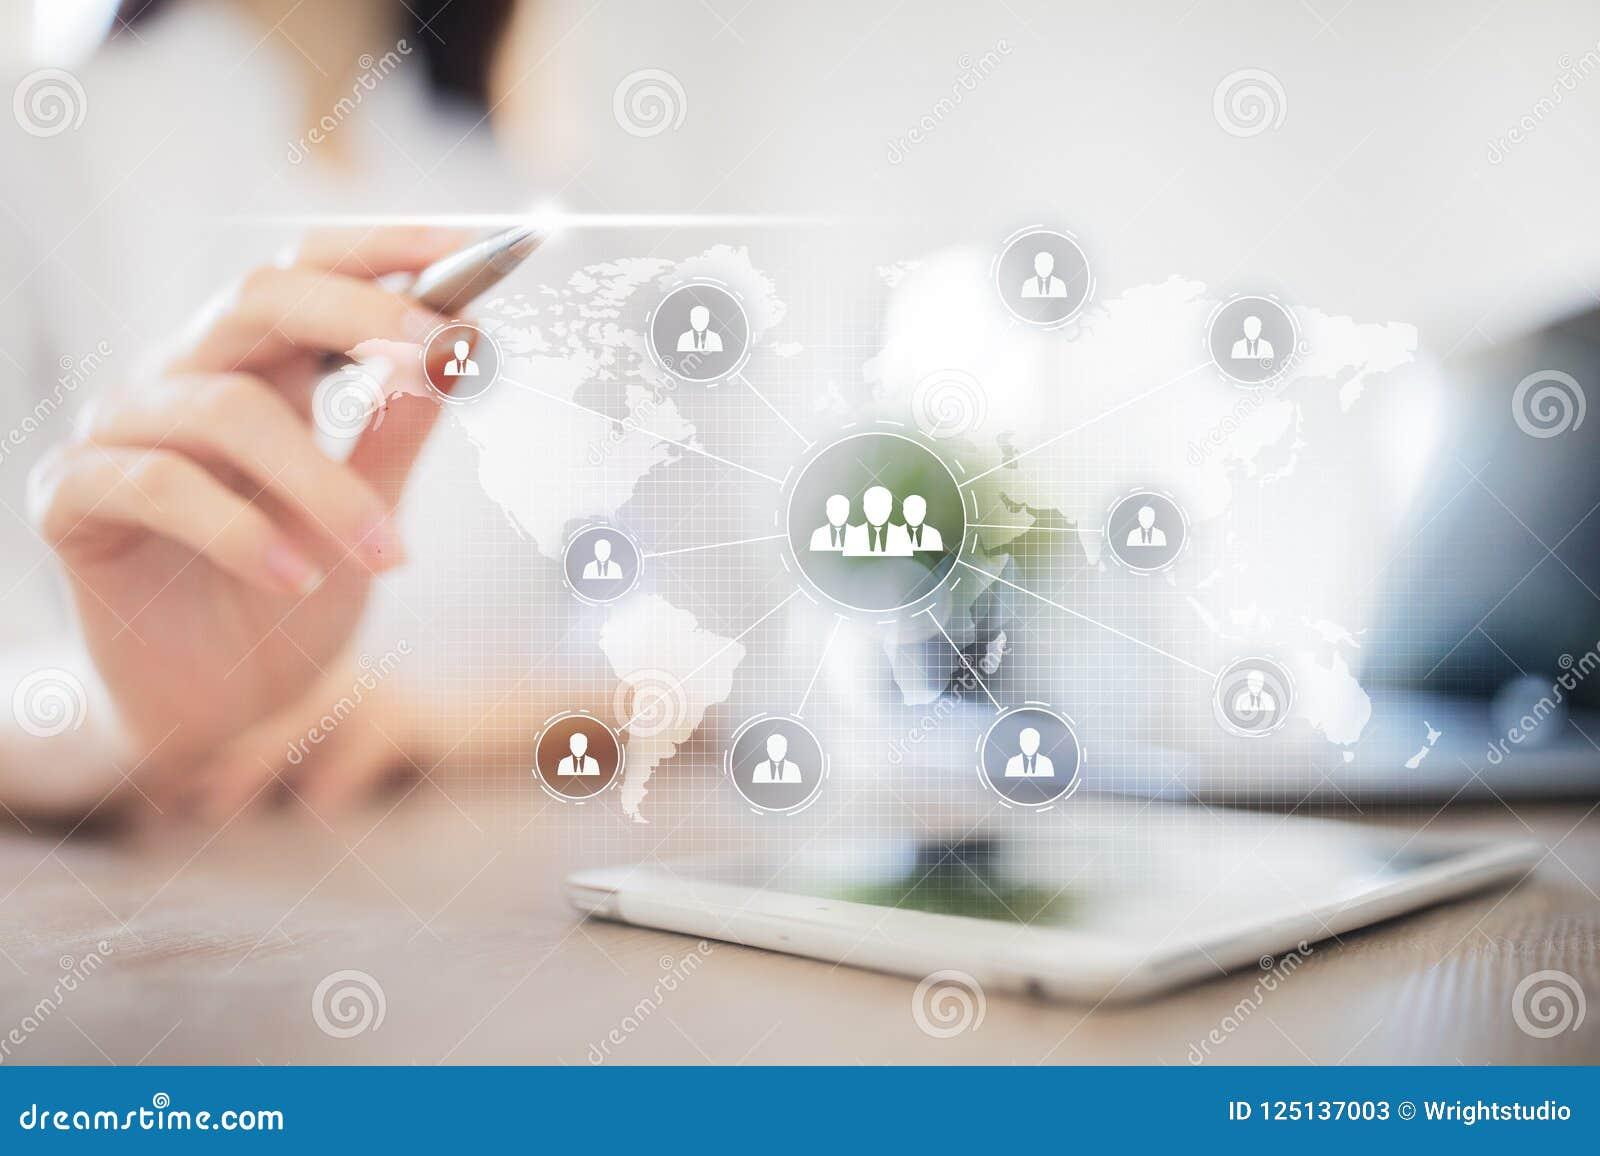 Estrutura de organização dos povos Hora Recursos humanos e recrutamento Uma comunicação, tecnologia do Internet Conceito do negóc